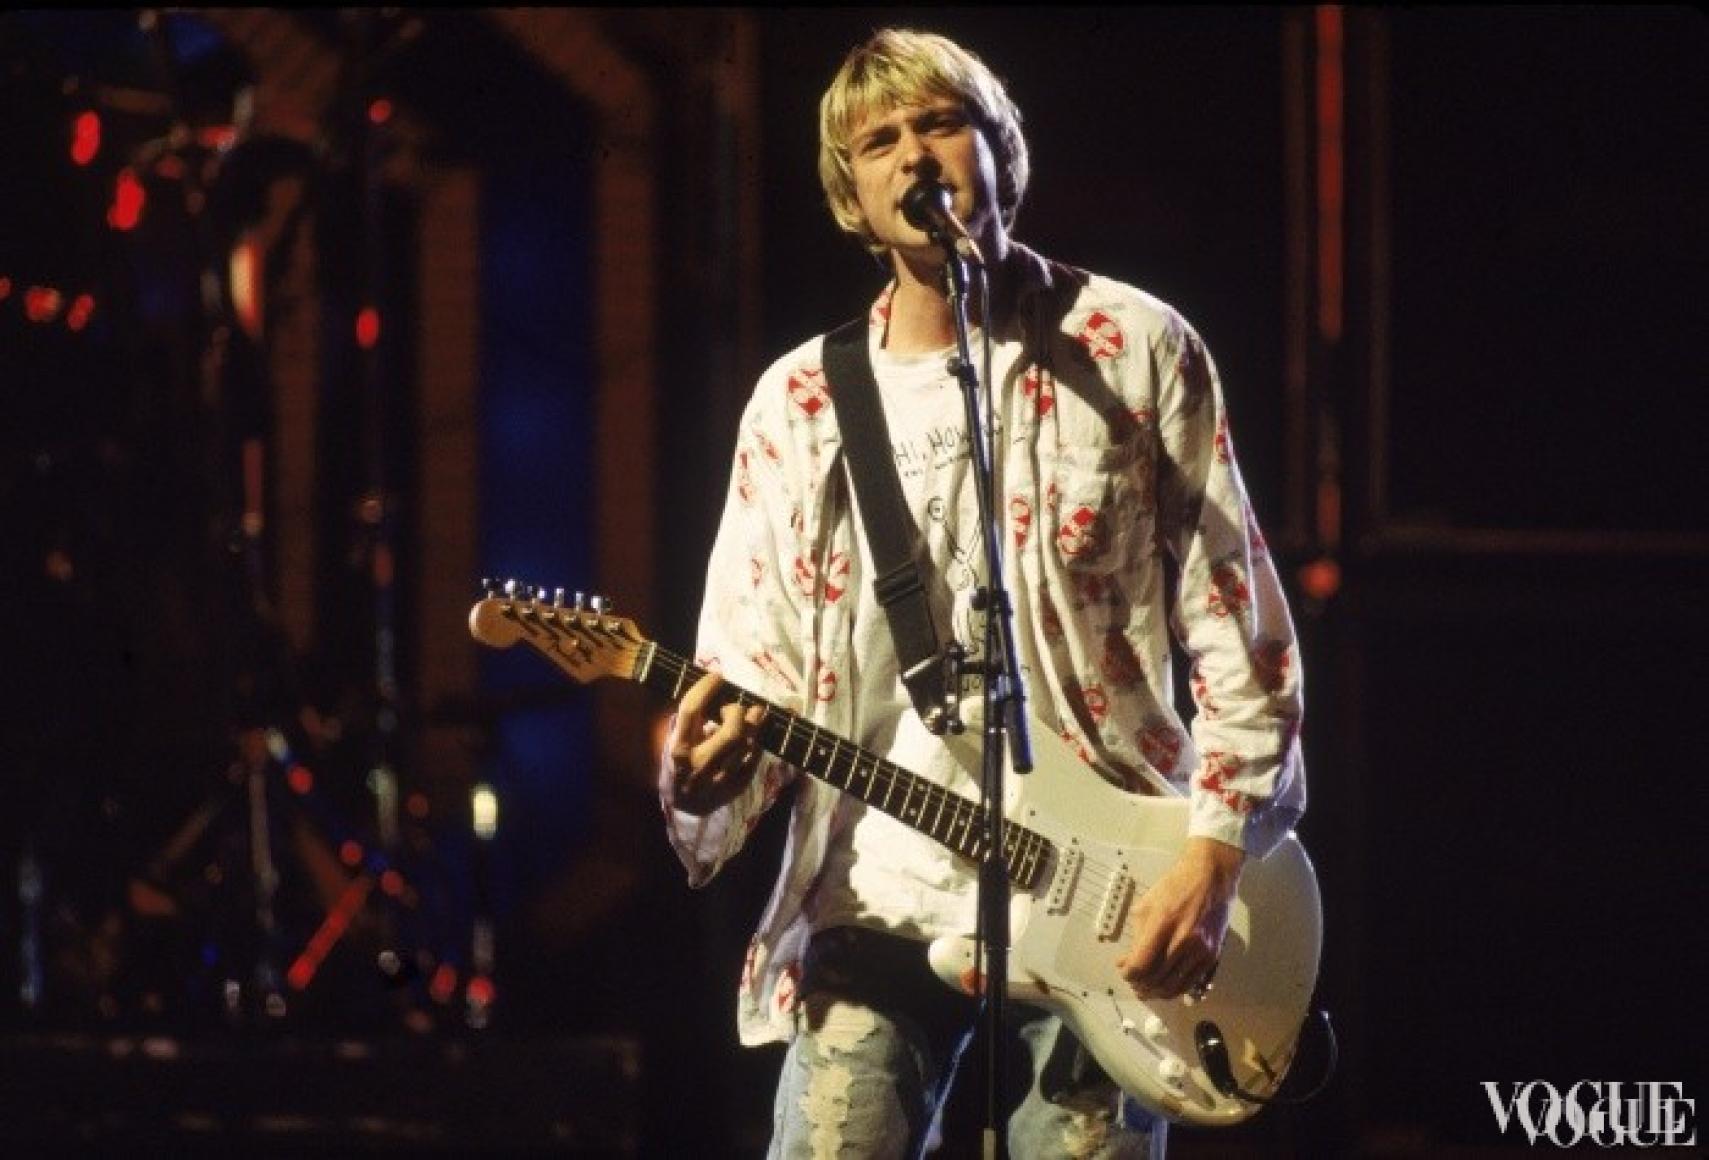 Курт Кобейн из группы Nirvana на церемонии MTV Video Music Awards 1992